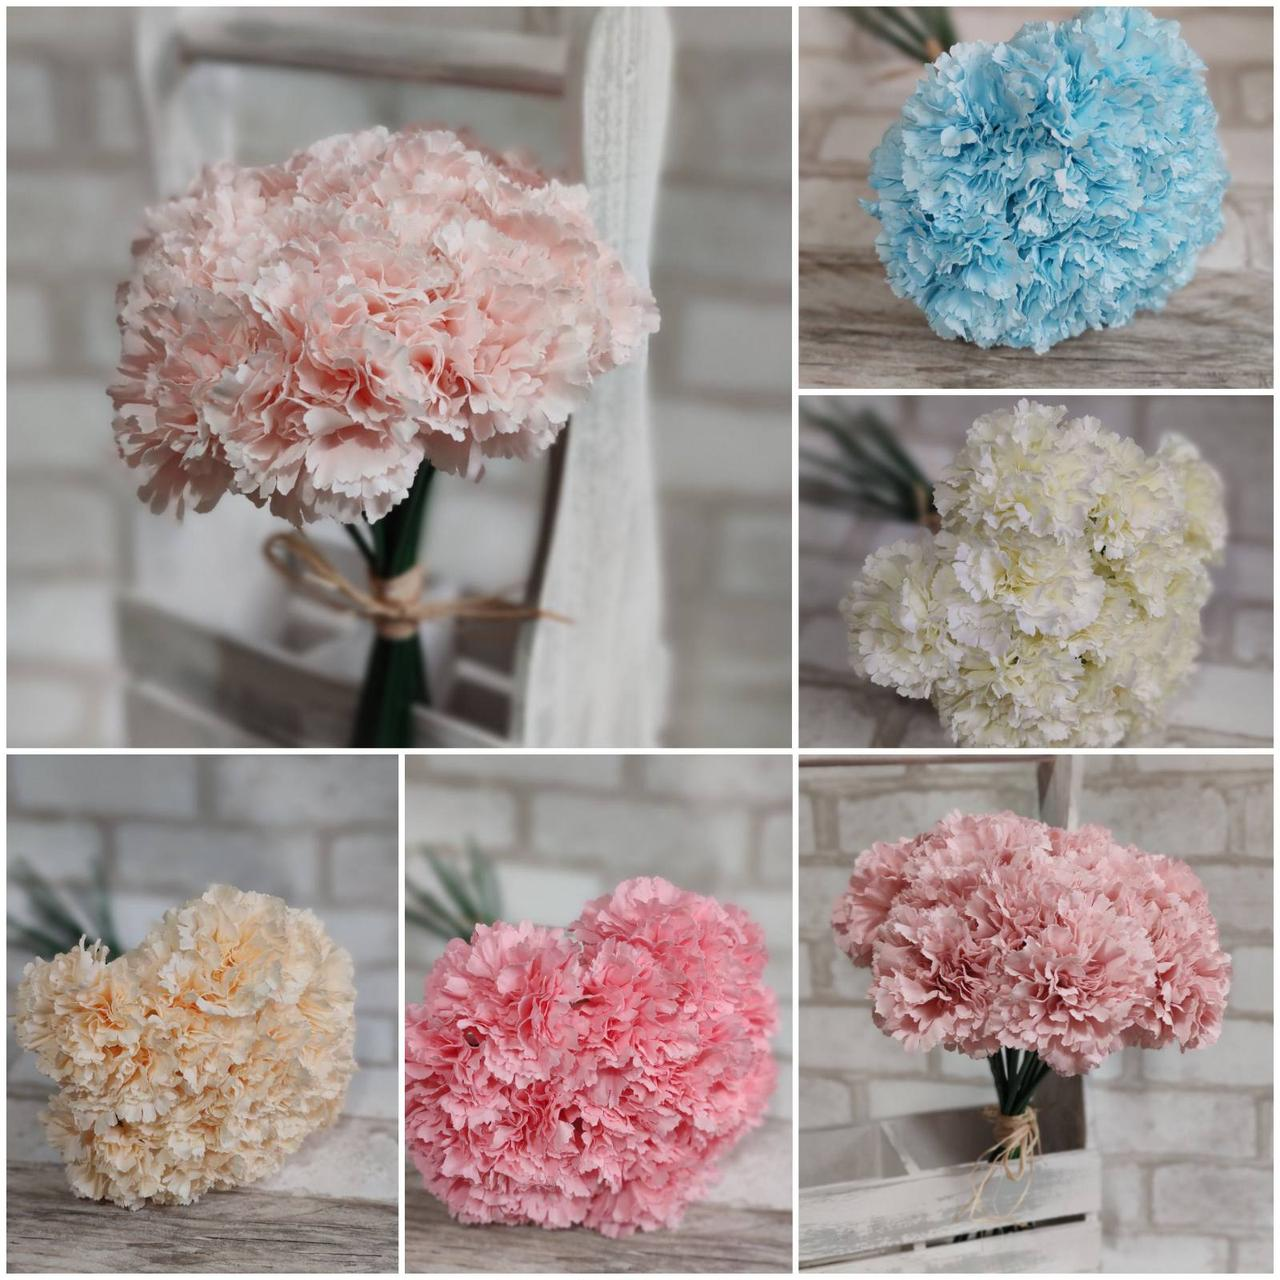 Букет штучної гвоздики, інтер'єрні квіти, для декору, Польша, вис. 37 см., 12 шт., 180/150 (ціна за 1шт.+30гр)